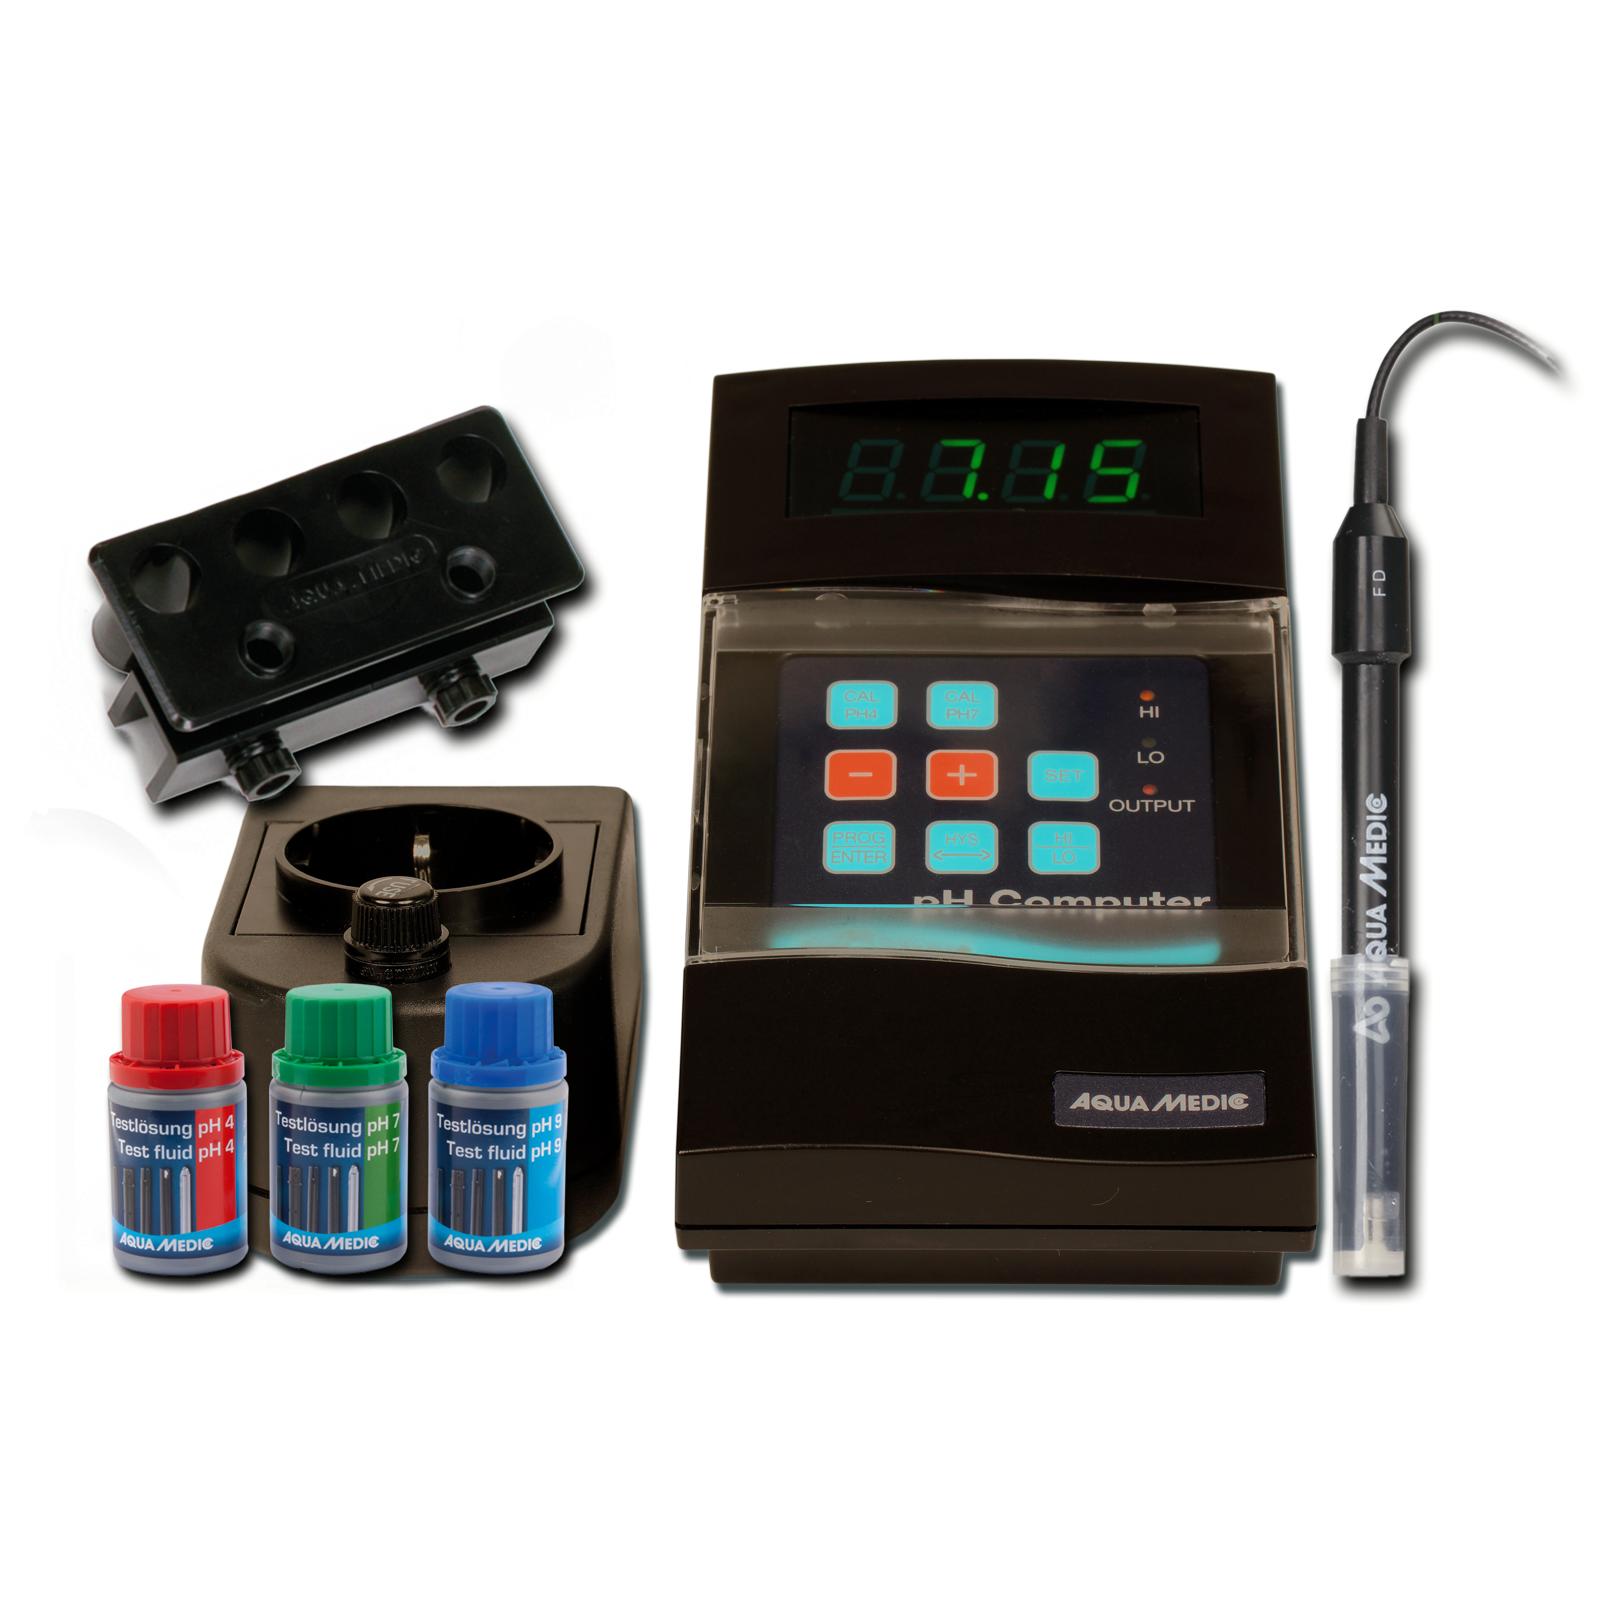 AQUA MEDIC pH computer-Set kit complet qualité professionnel avec contrôleur pH géré par microprocesseur, électrode et accessoires